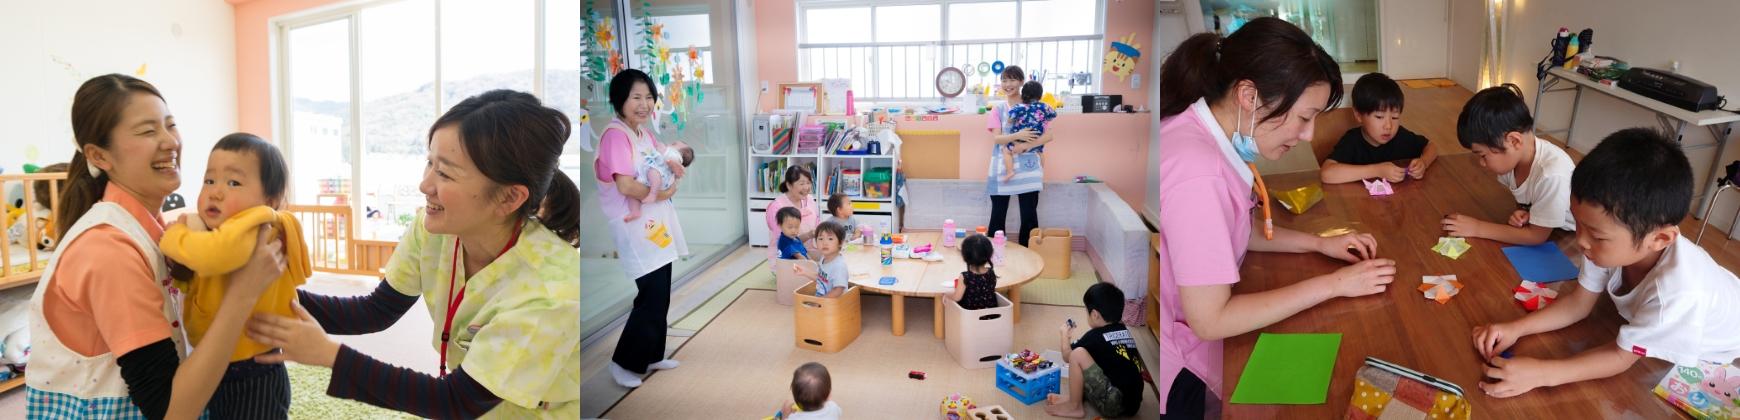 広島県安芸郡海田町の歯科医院「ひまわり歯科」女性スタッフの働きやすさ支援と取り組み